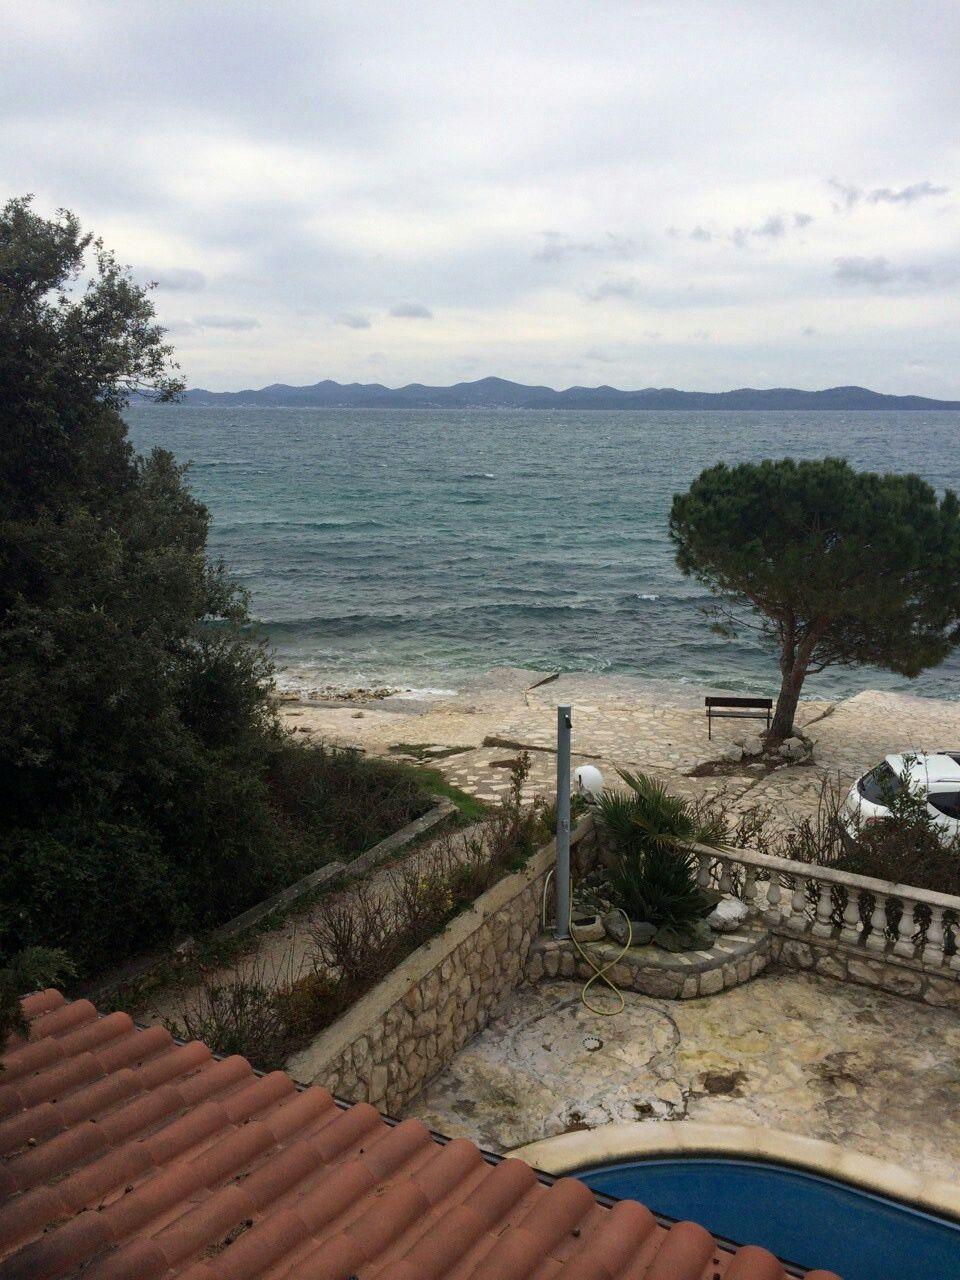 Őszi turazasi,kikapcsolodasi ido az Adrián!  Telen is nyitvatarto tengerparti,Zadar Ovaros-i apartmanjaink varjak az Uzleti utjuk kozben itt megszallni.szandekozokat,vallakozo kedvueket,horgaszni.vagyokat,Kikapcsolodni.akarokat.Bongesszenek a profilomon az apartmanalbumok kozott es osszak meg amelyik tetszik :)  www.facebook.com/zadarkiadoapartmanokraczattila  Honlapunk: www.horvatapartman.eu